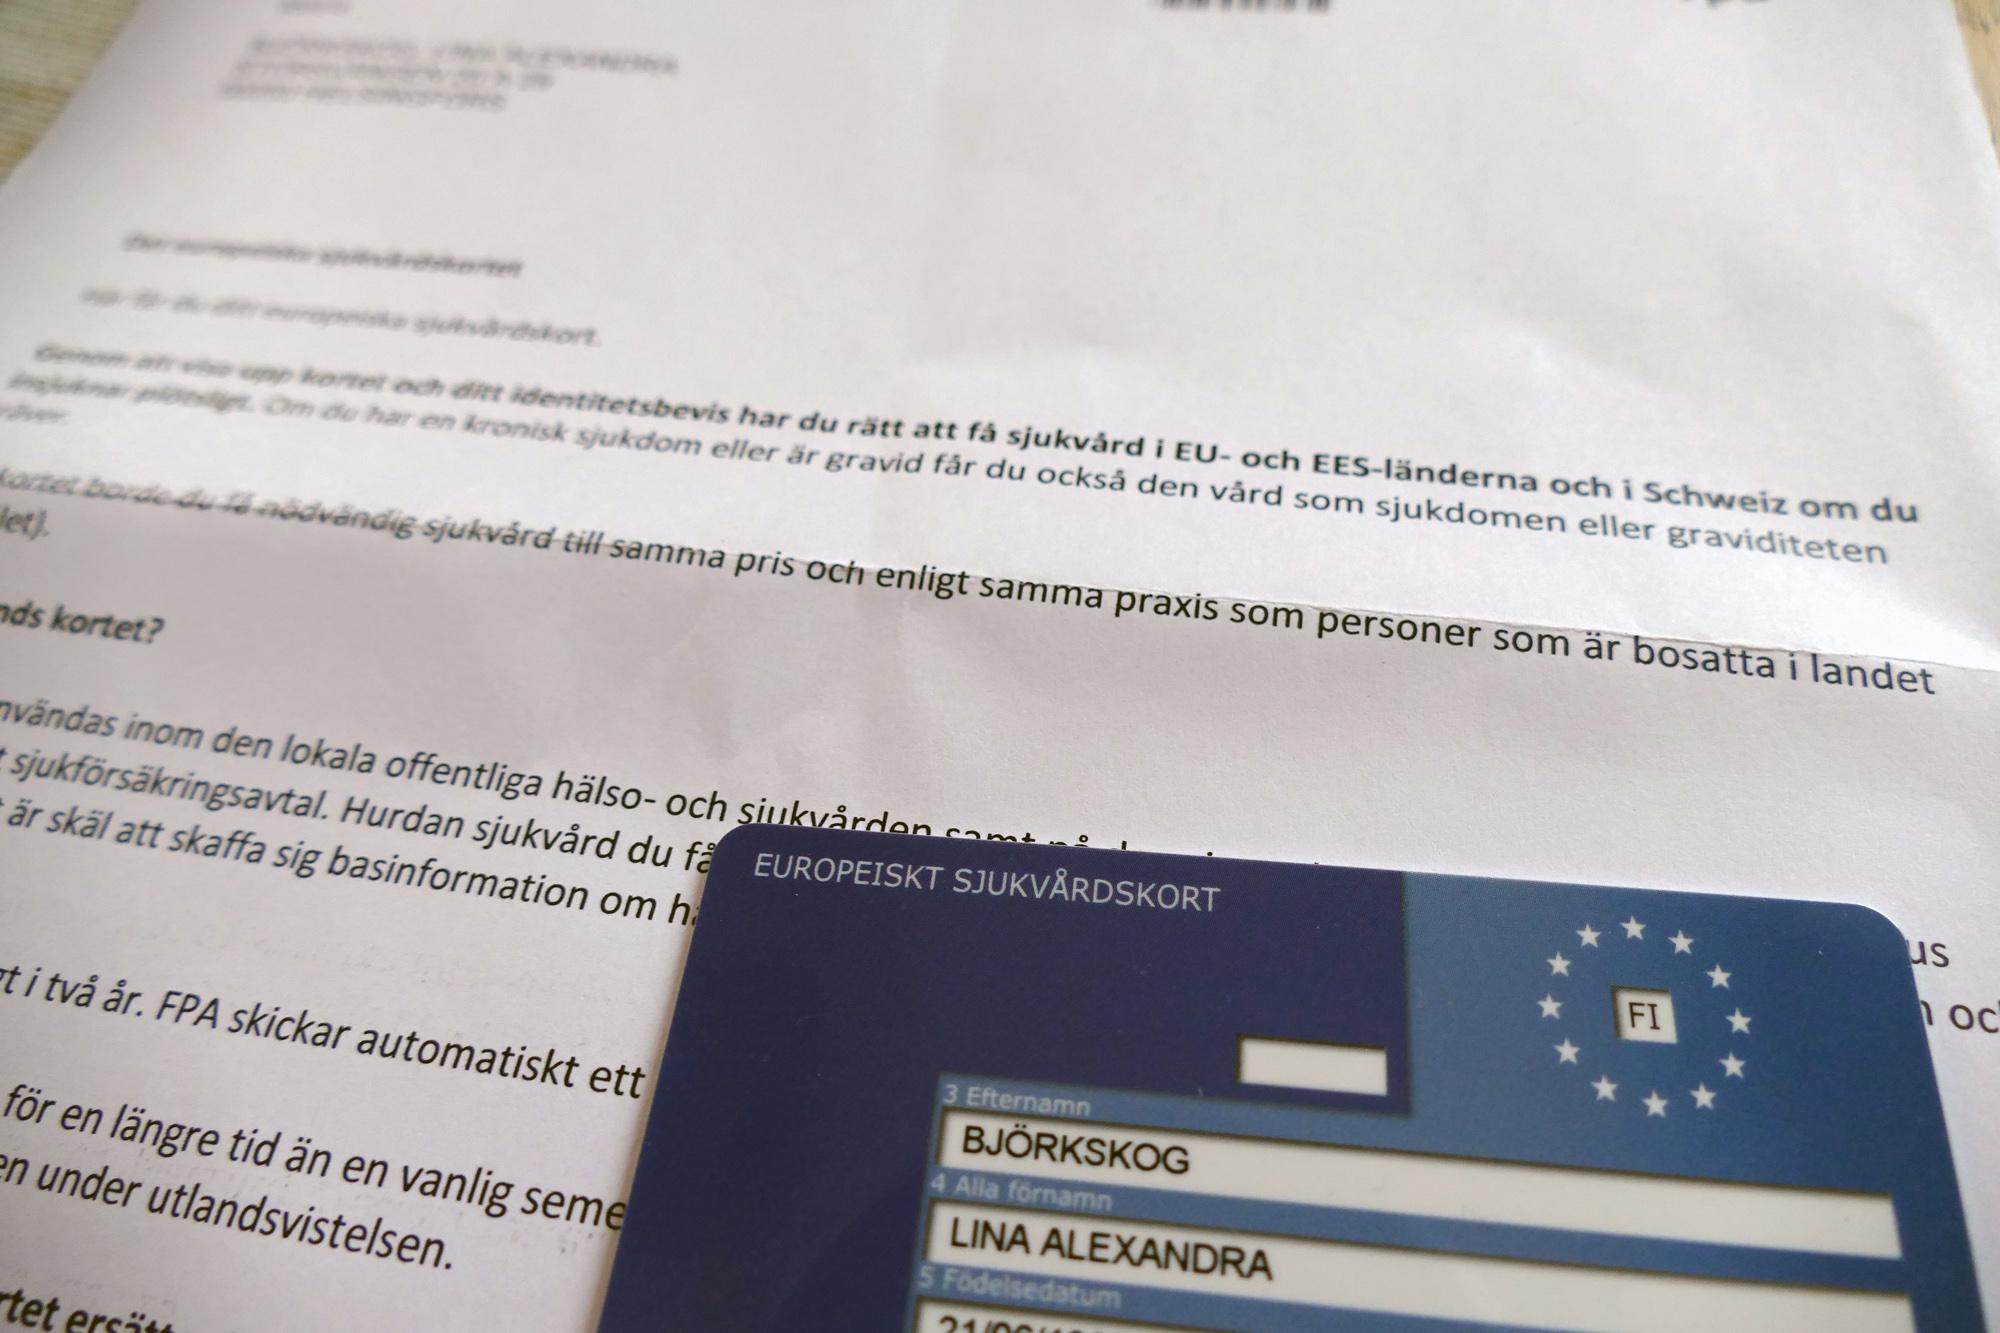 europeiskt-sjukvardskort